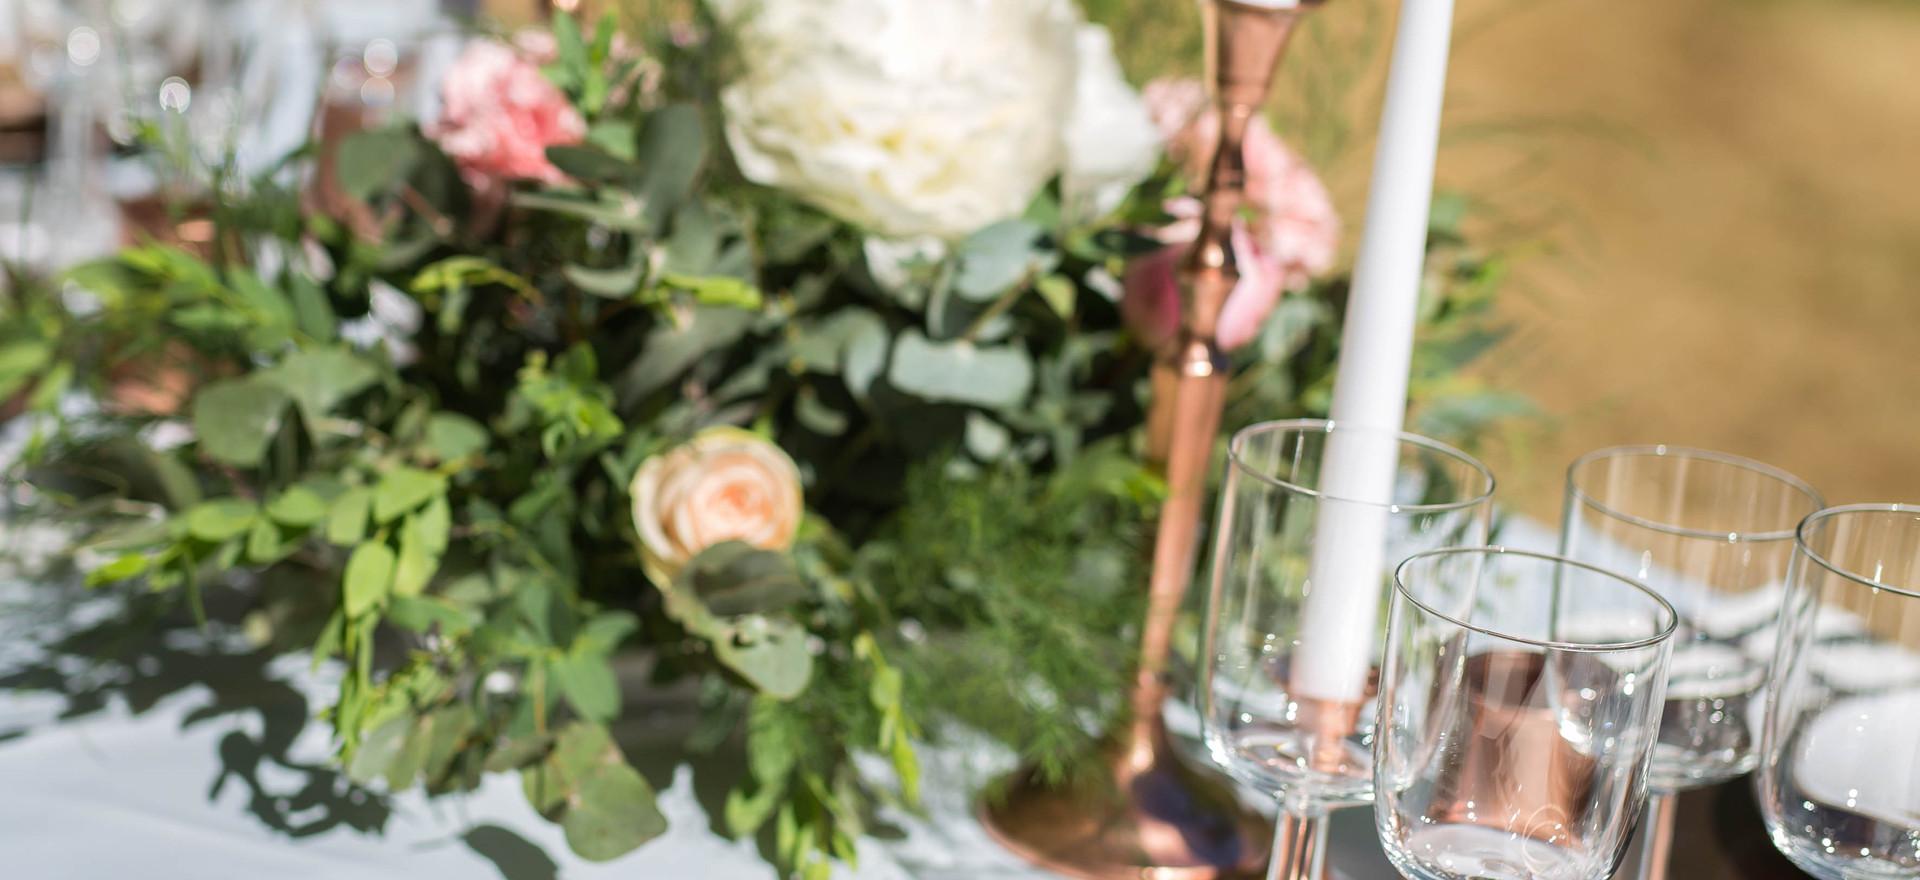 mariage-yvelines-celineleasimon-38.jpg